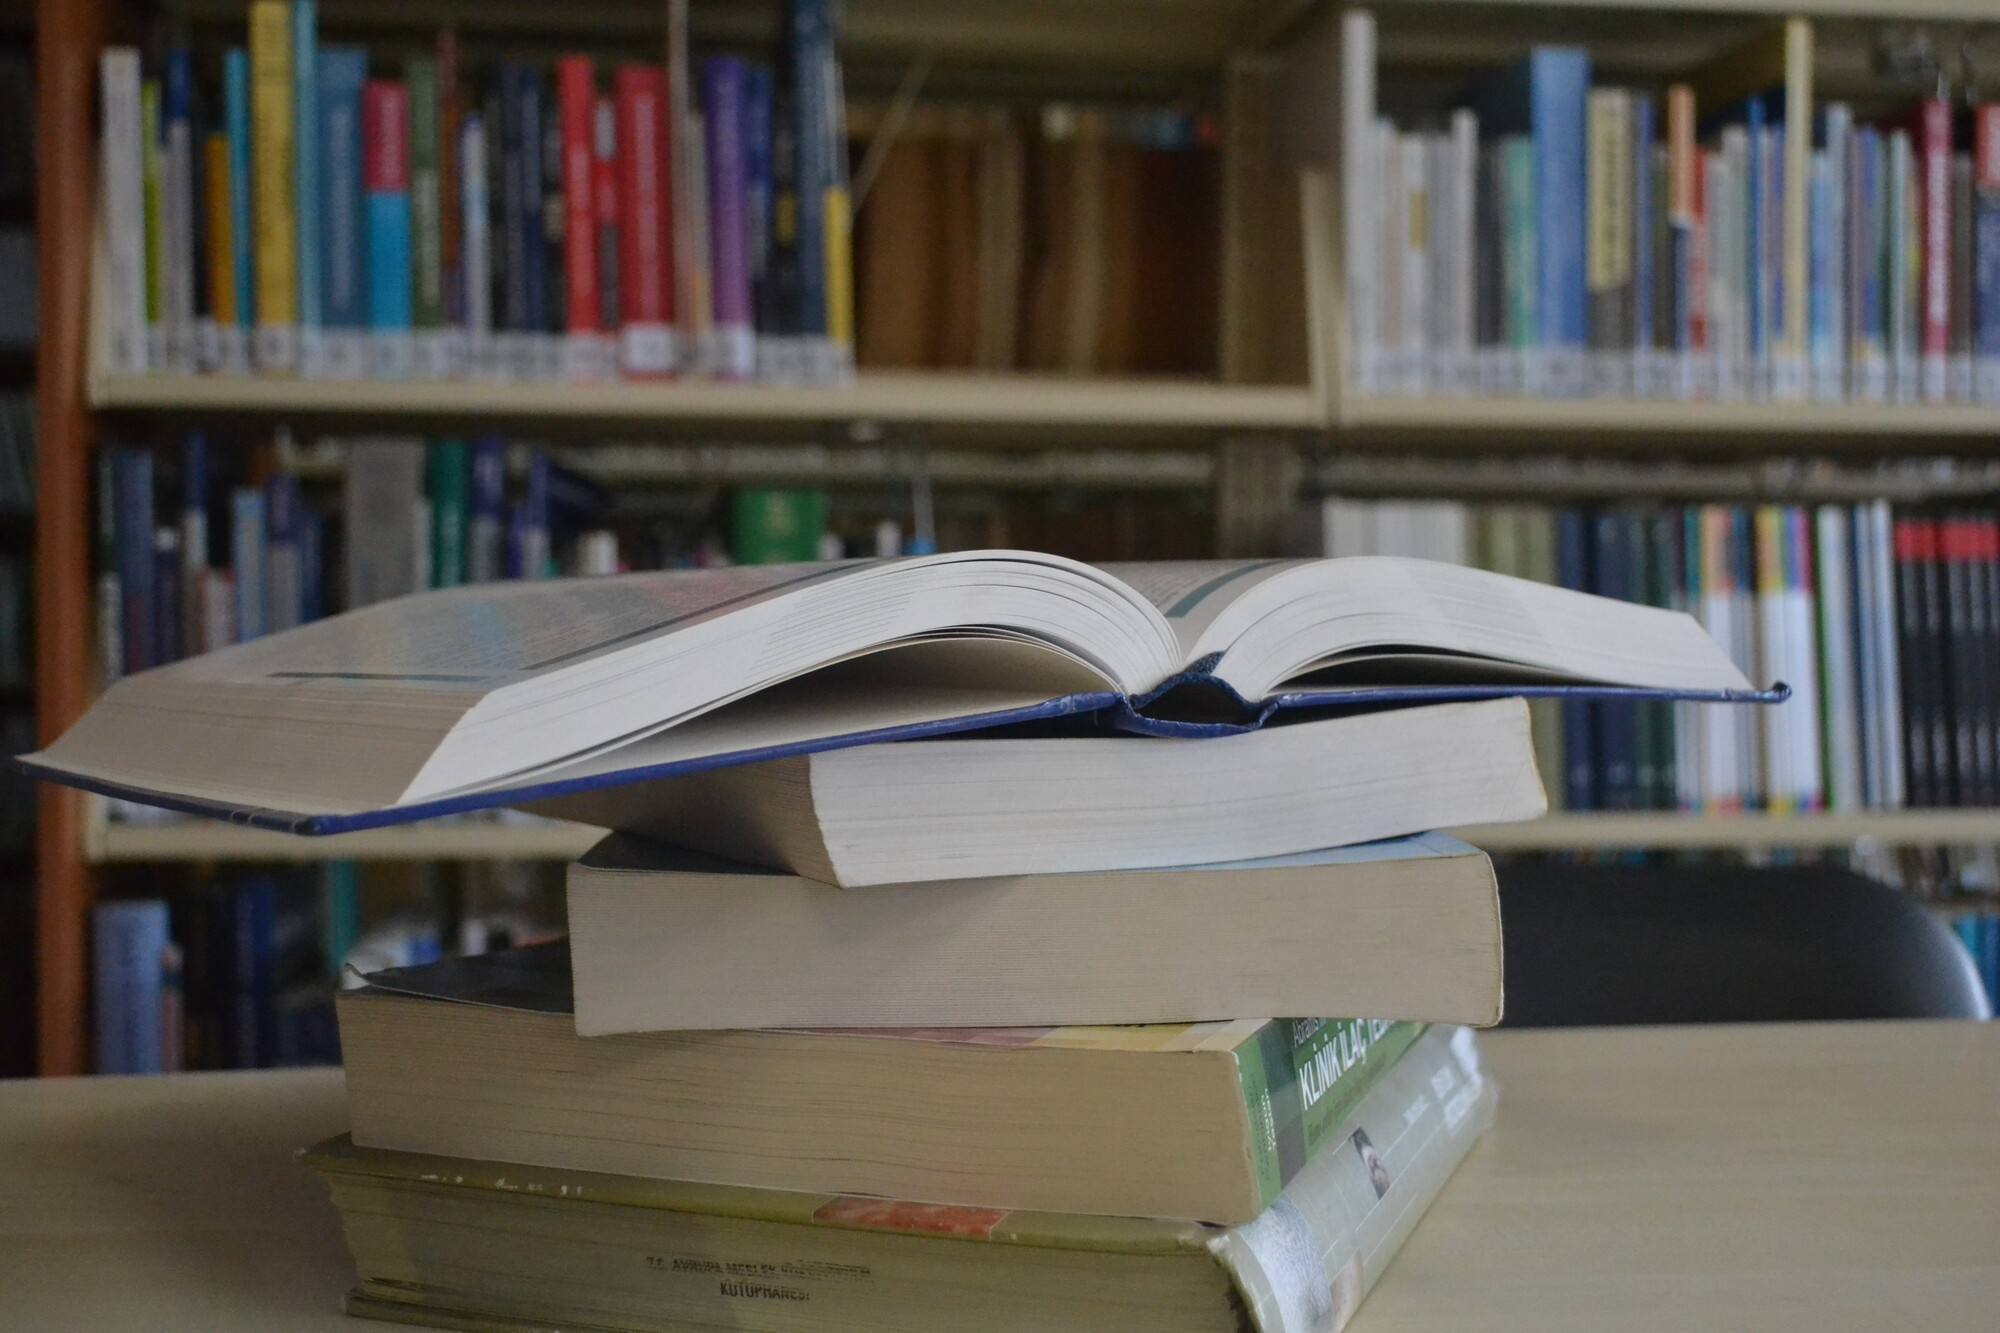 Avrupa Meslek Yüksekokulu Kütüphanesi